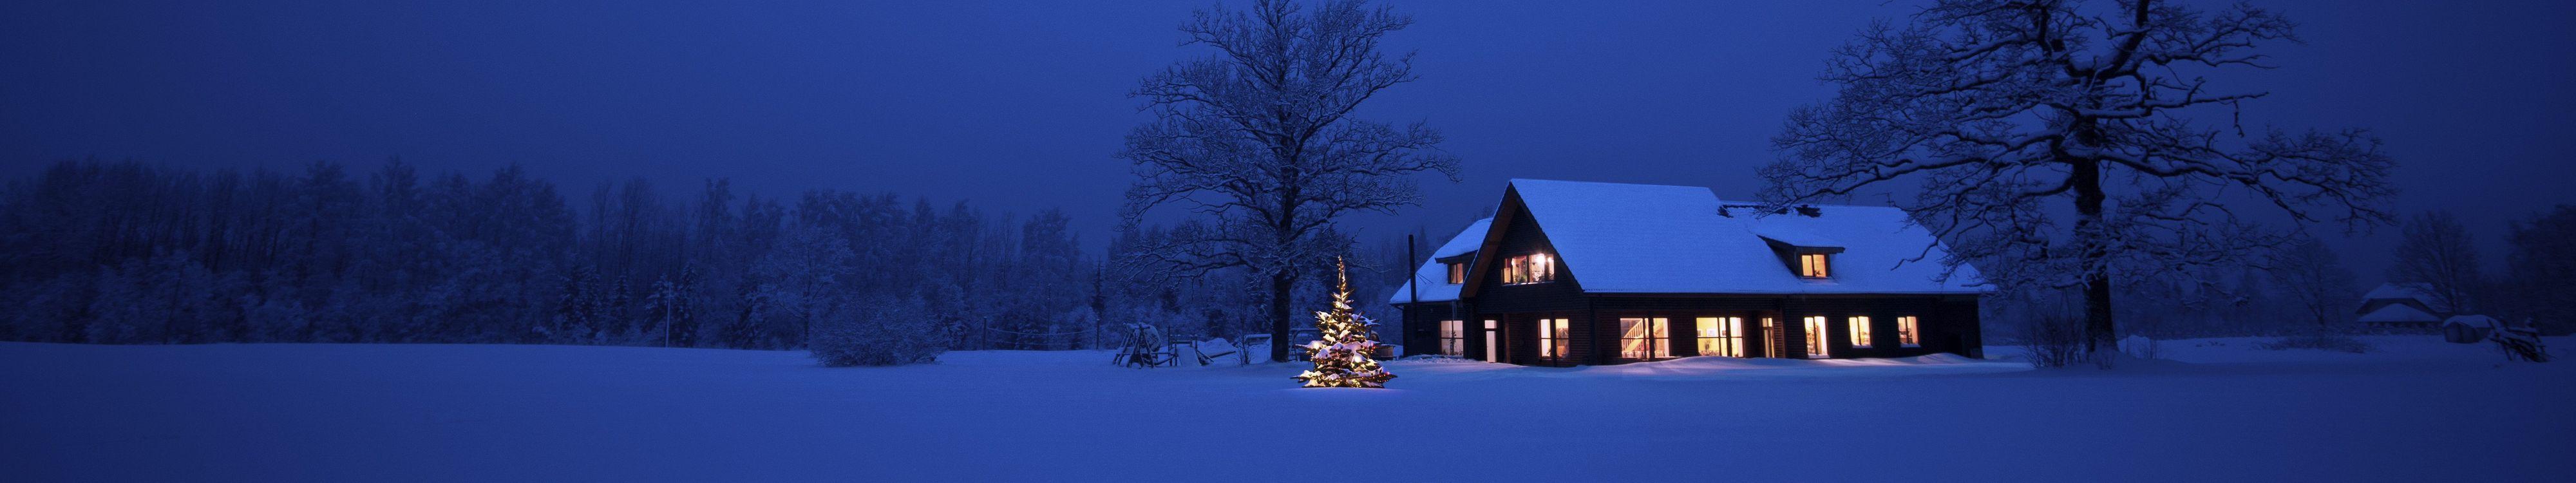 Фото бесплатно Рождество, Пасечник, монитор - на рабочий стол